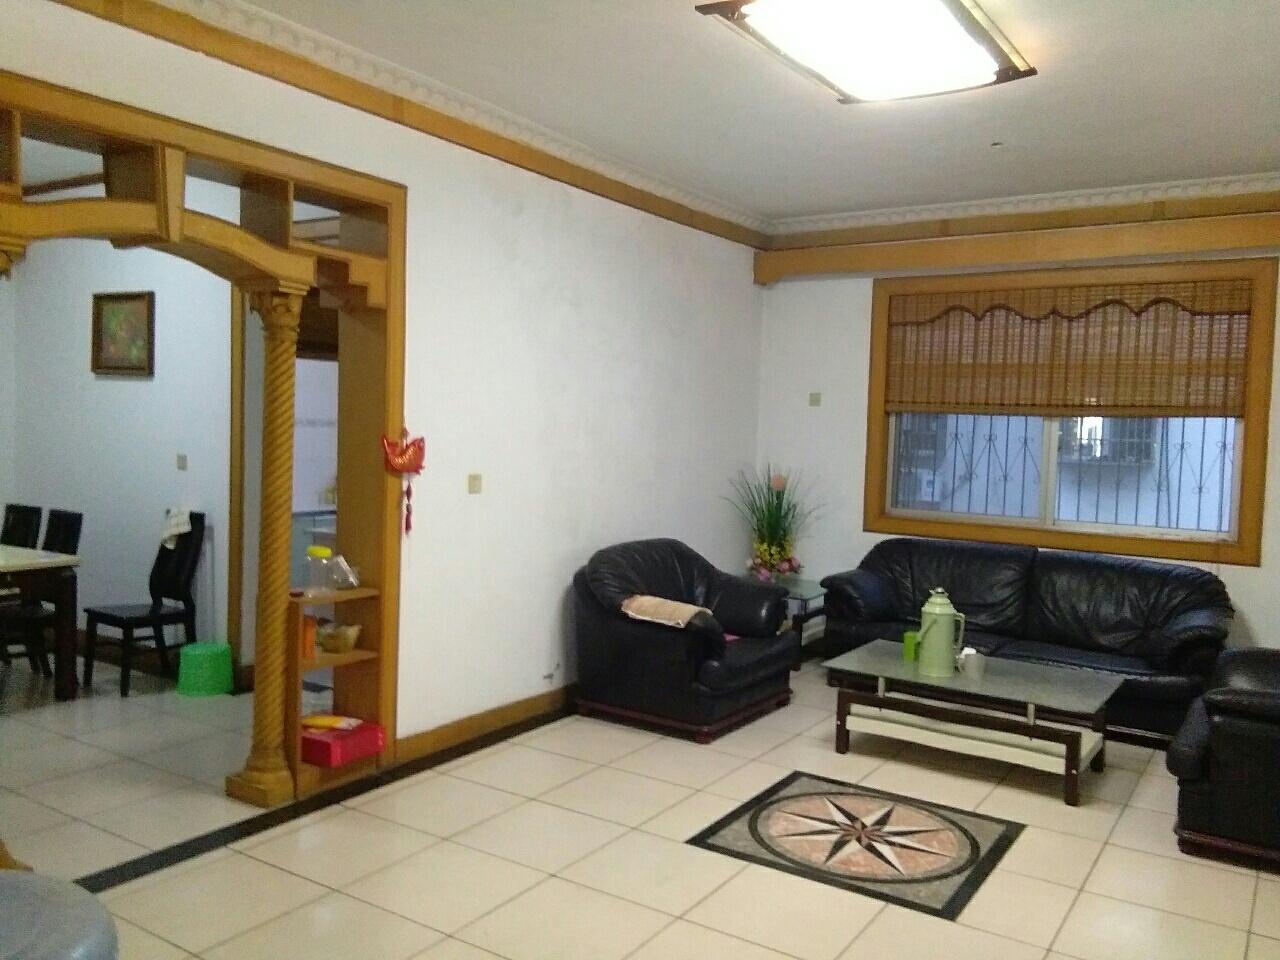 四中家属院三室两厅中装套房出售A90122Y